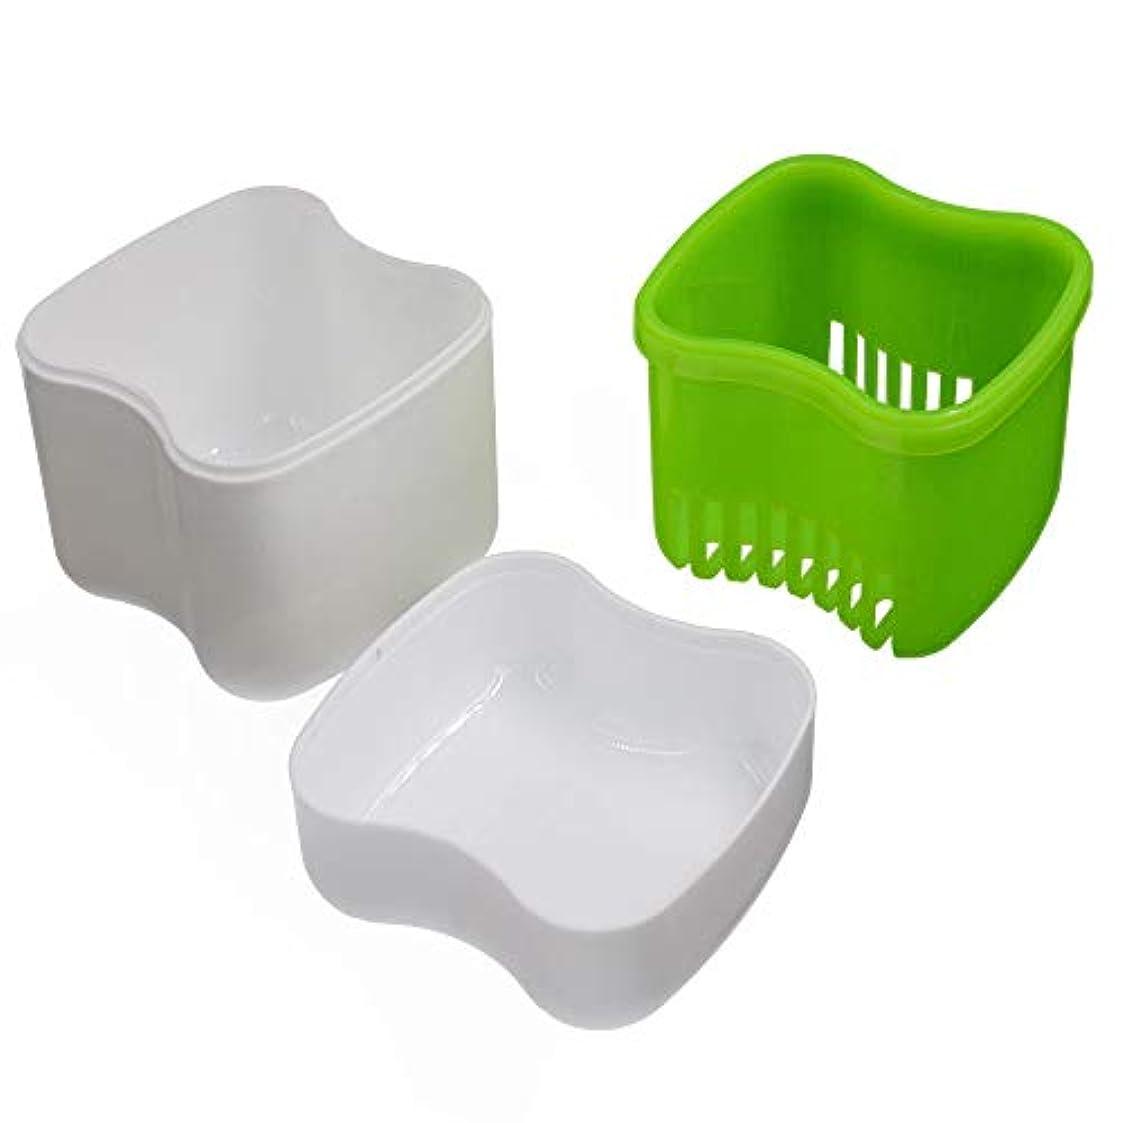 午後モスクむき出しLazayyii 義歯 歯箱 ヨーロッパ バスボックスケース歯科偽歯収納容器すすぎバスケット (グリーン)